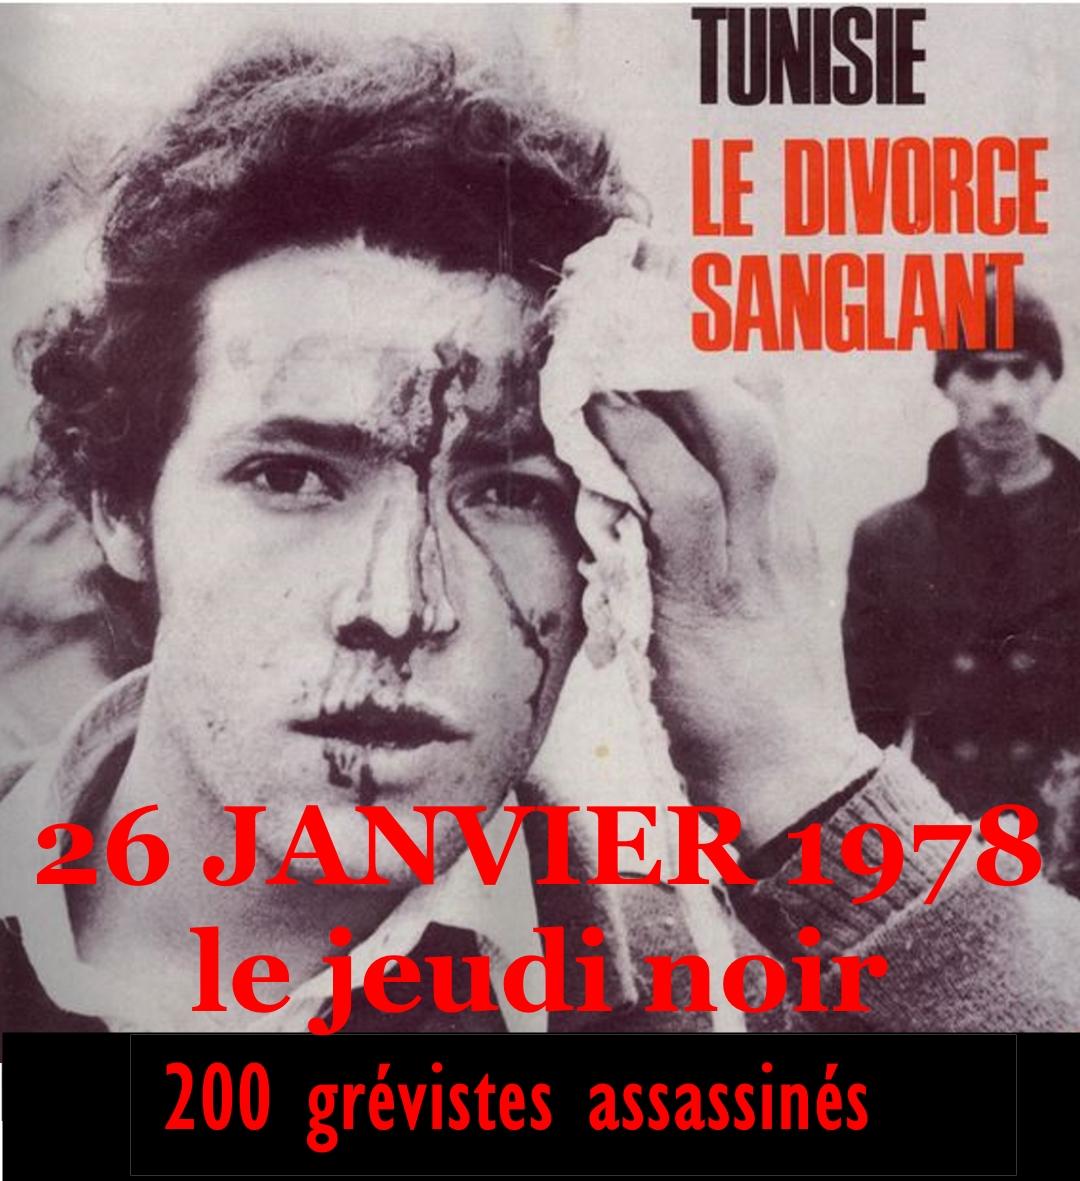 TUNISIEN CINECITTA GRATUIT TÉLÉCHARGER FILM